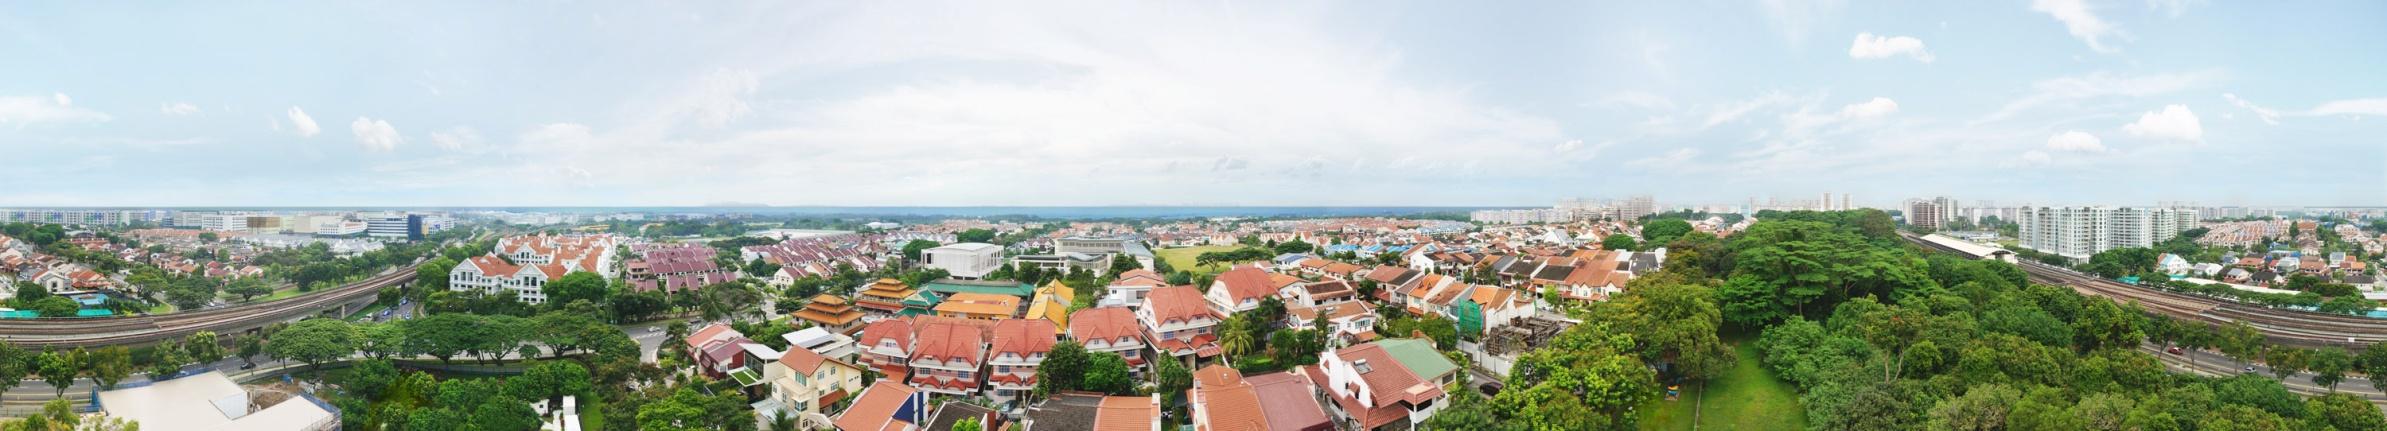 Aeria view 2.jpg